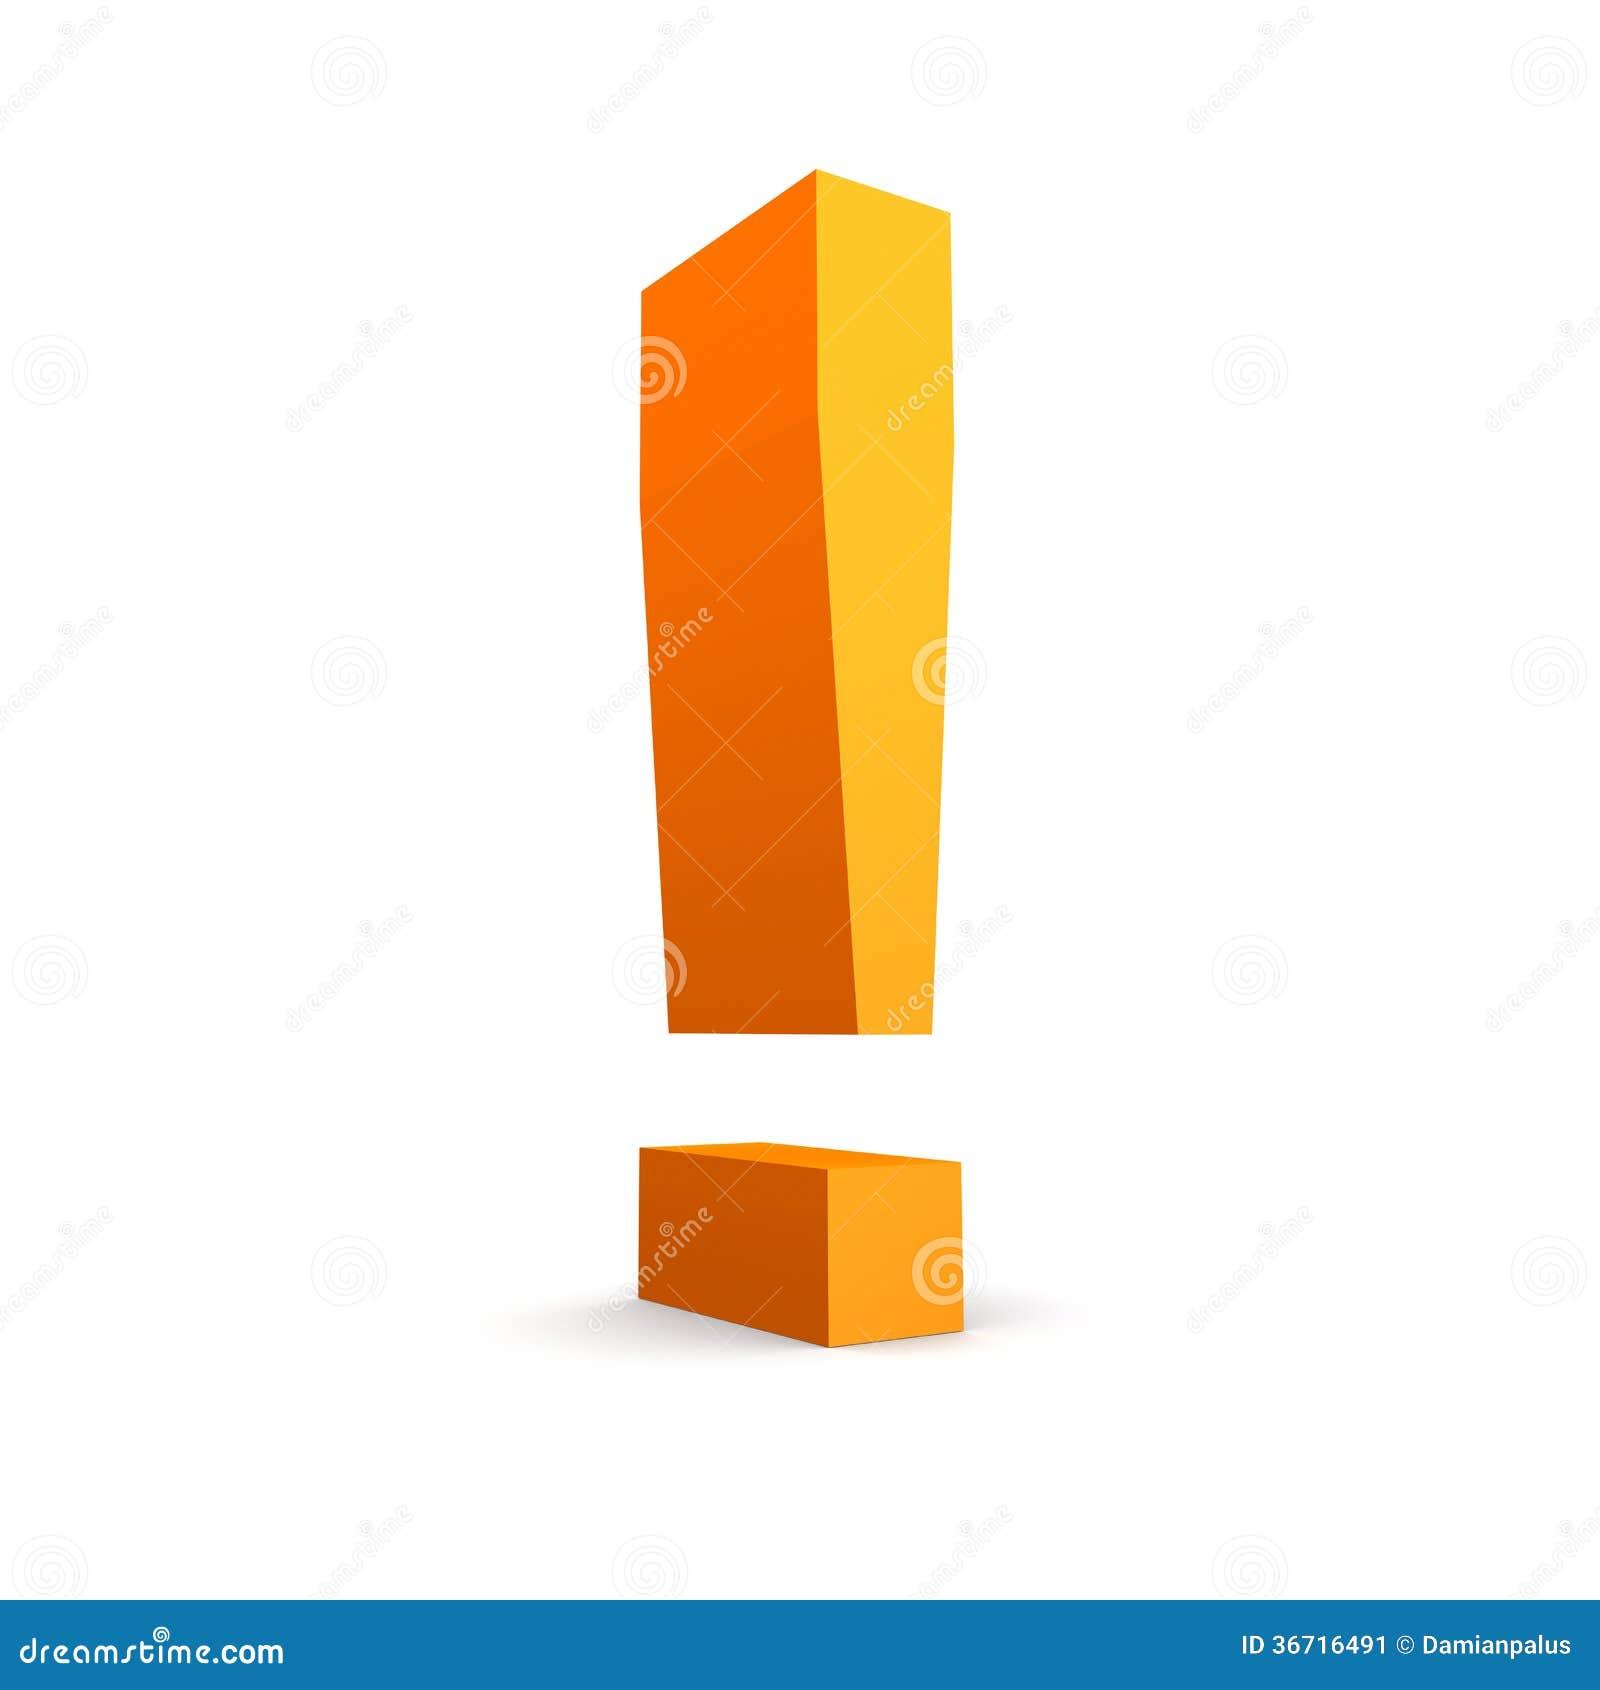 Orange Letter W Logo:  Orange Exclamation Mark Stock Illustration. Illustration